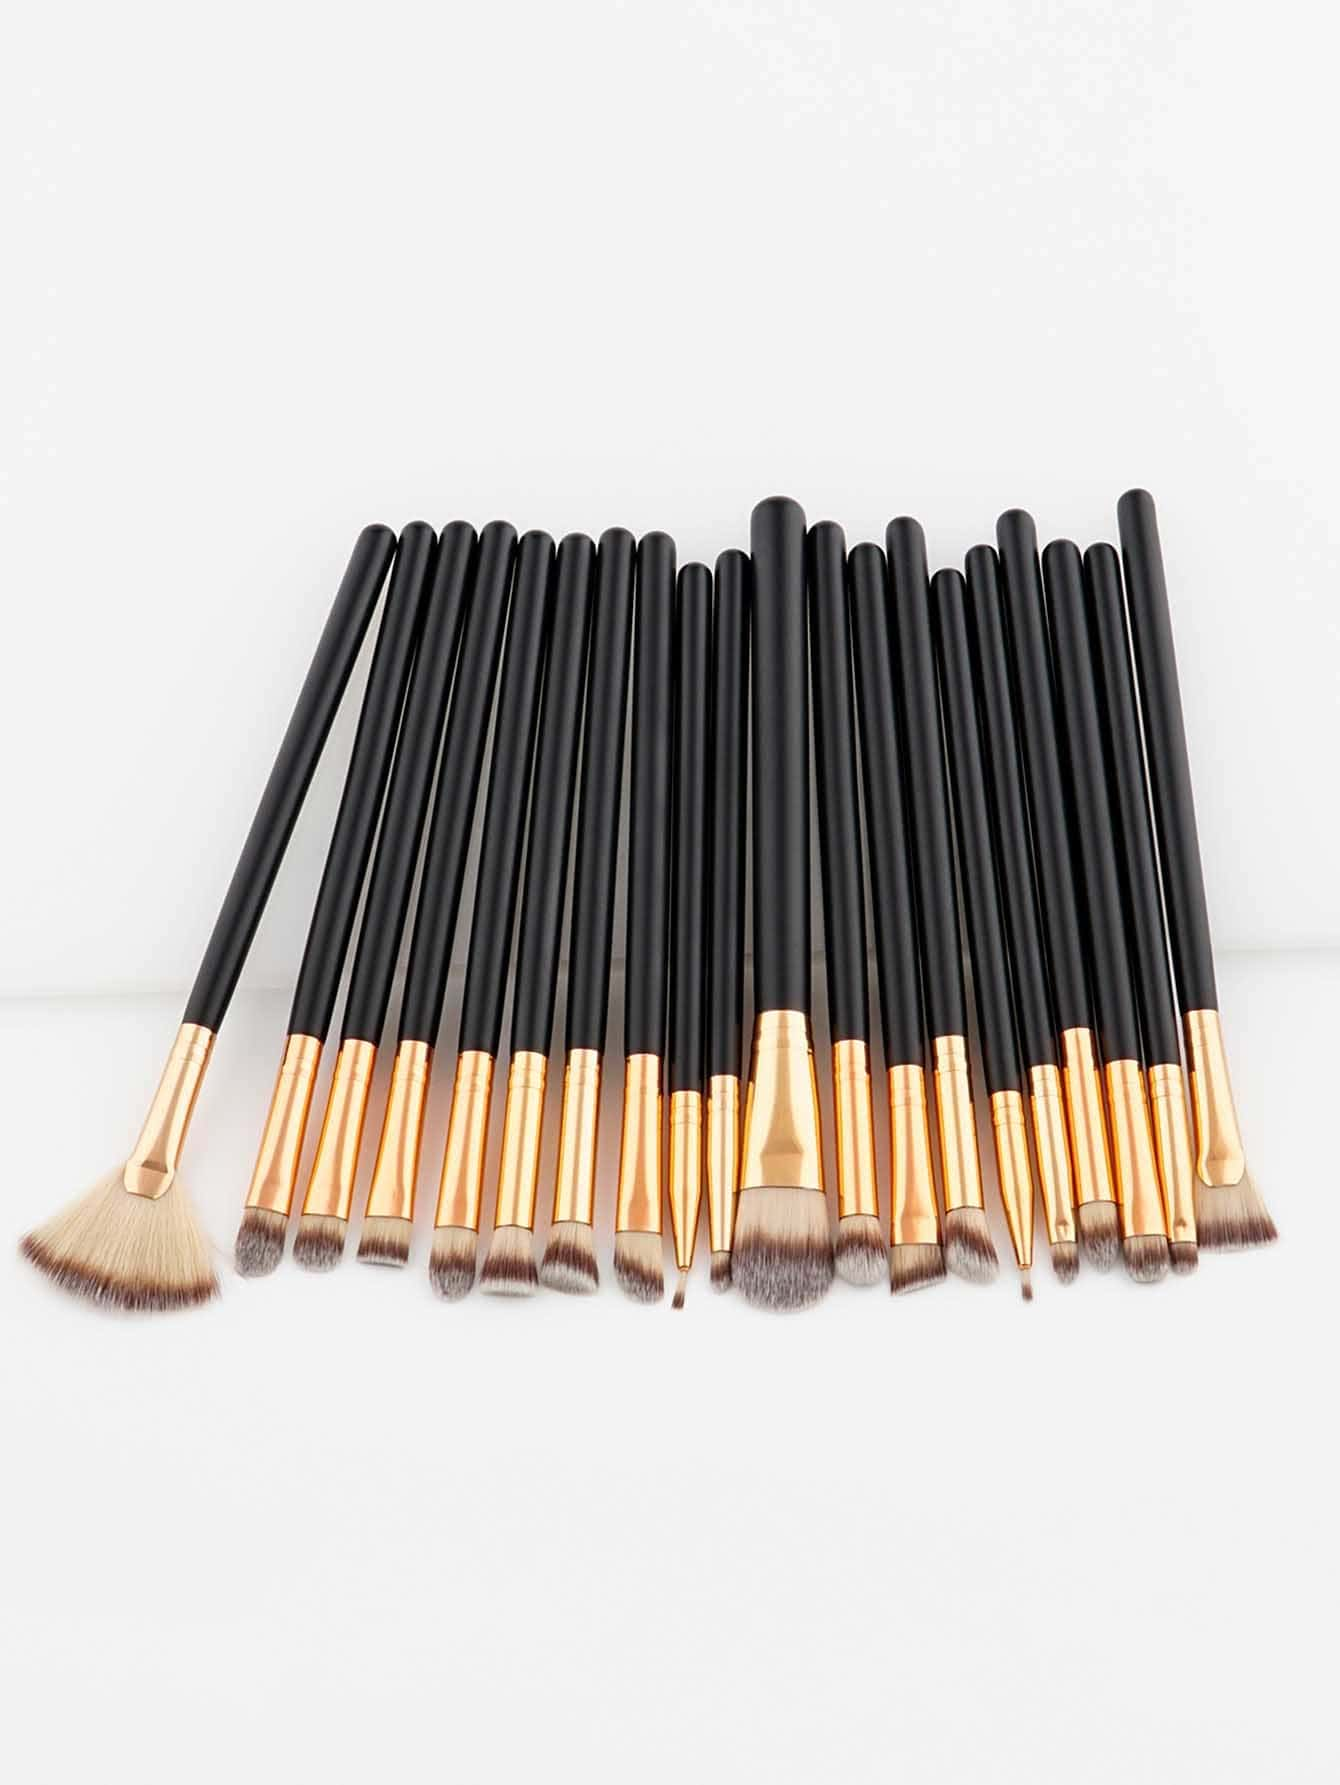 Image of Professional Eye Brush Set 20pcs